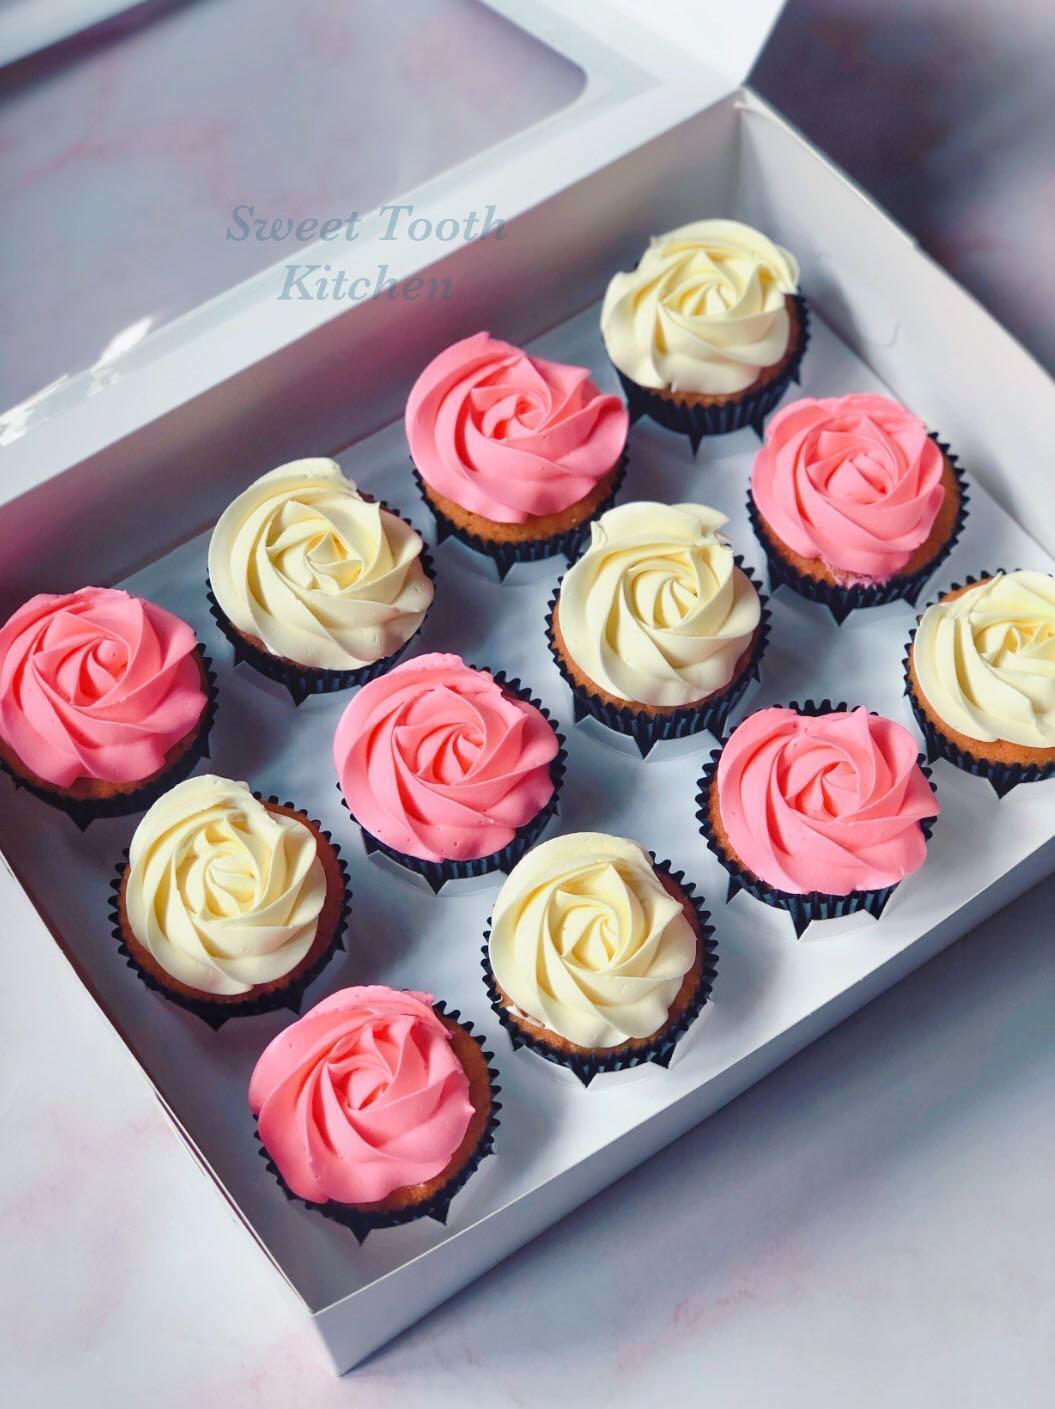 Cupcakes [HALAL]